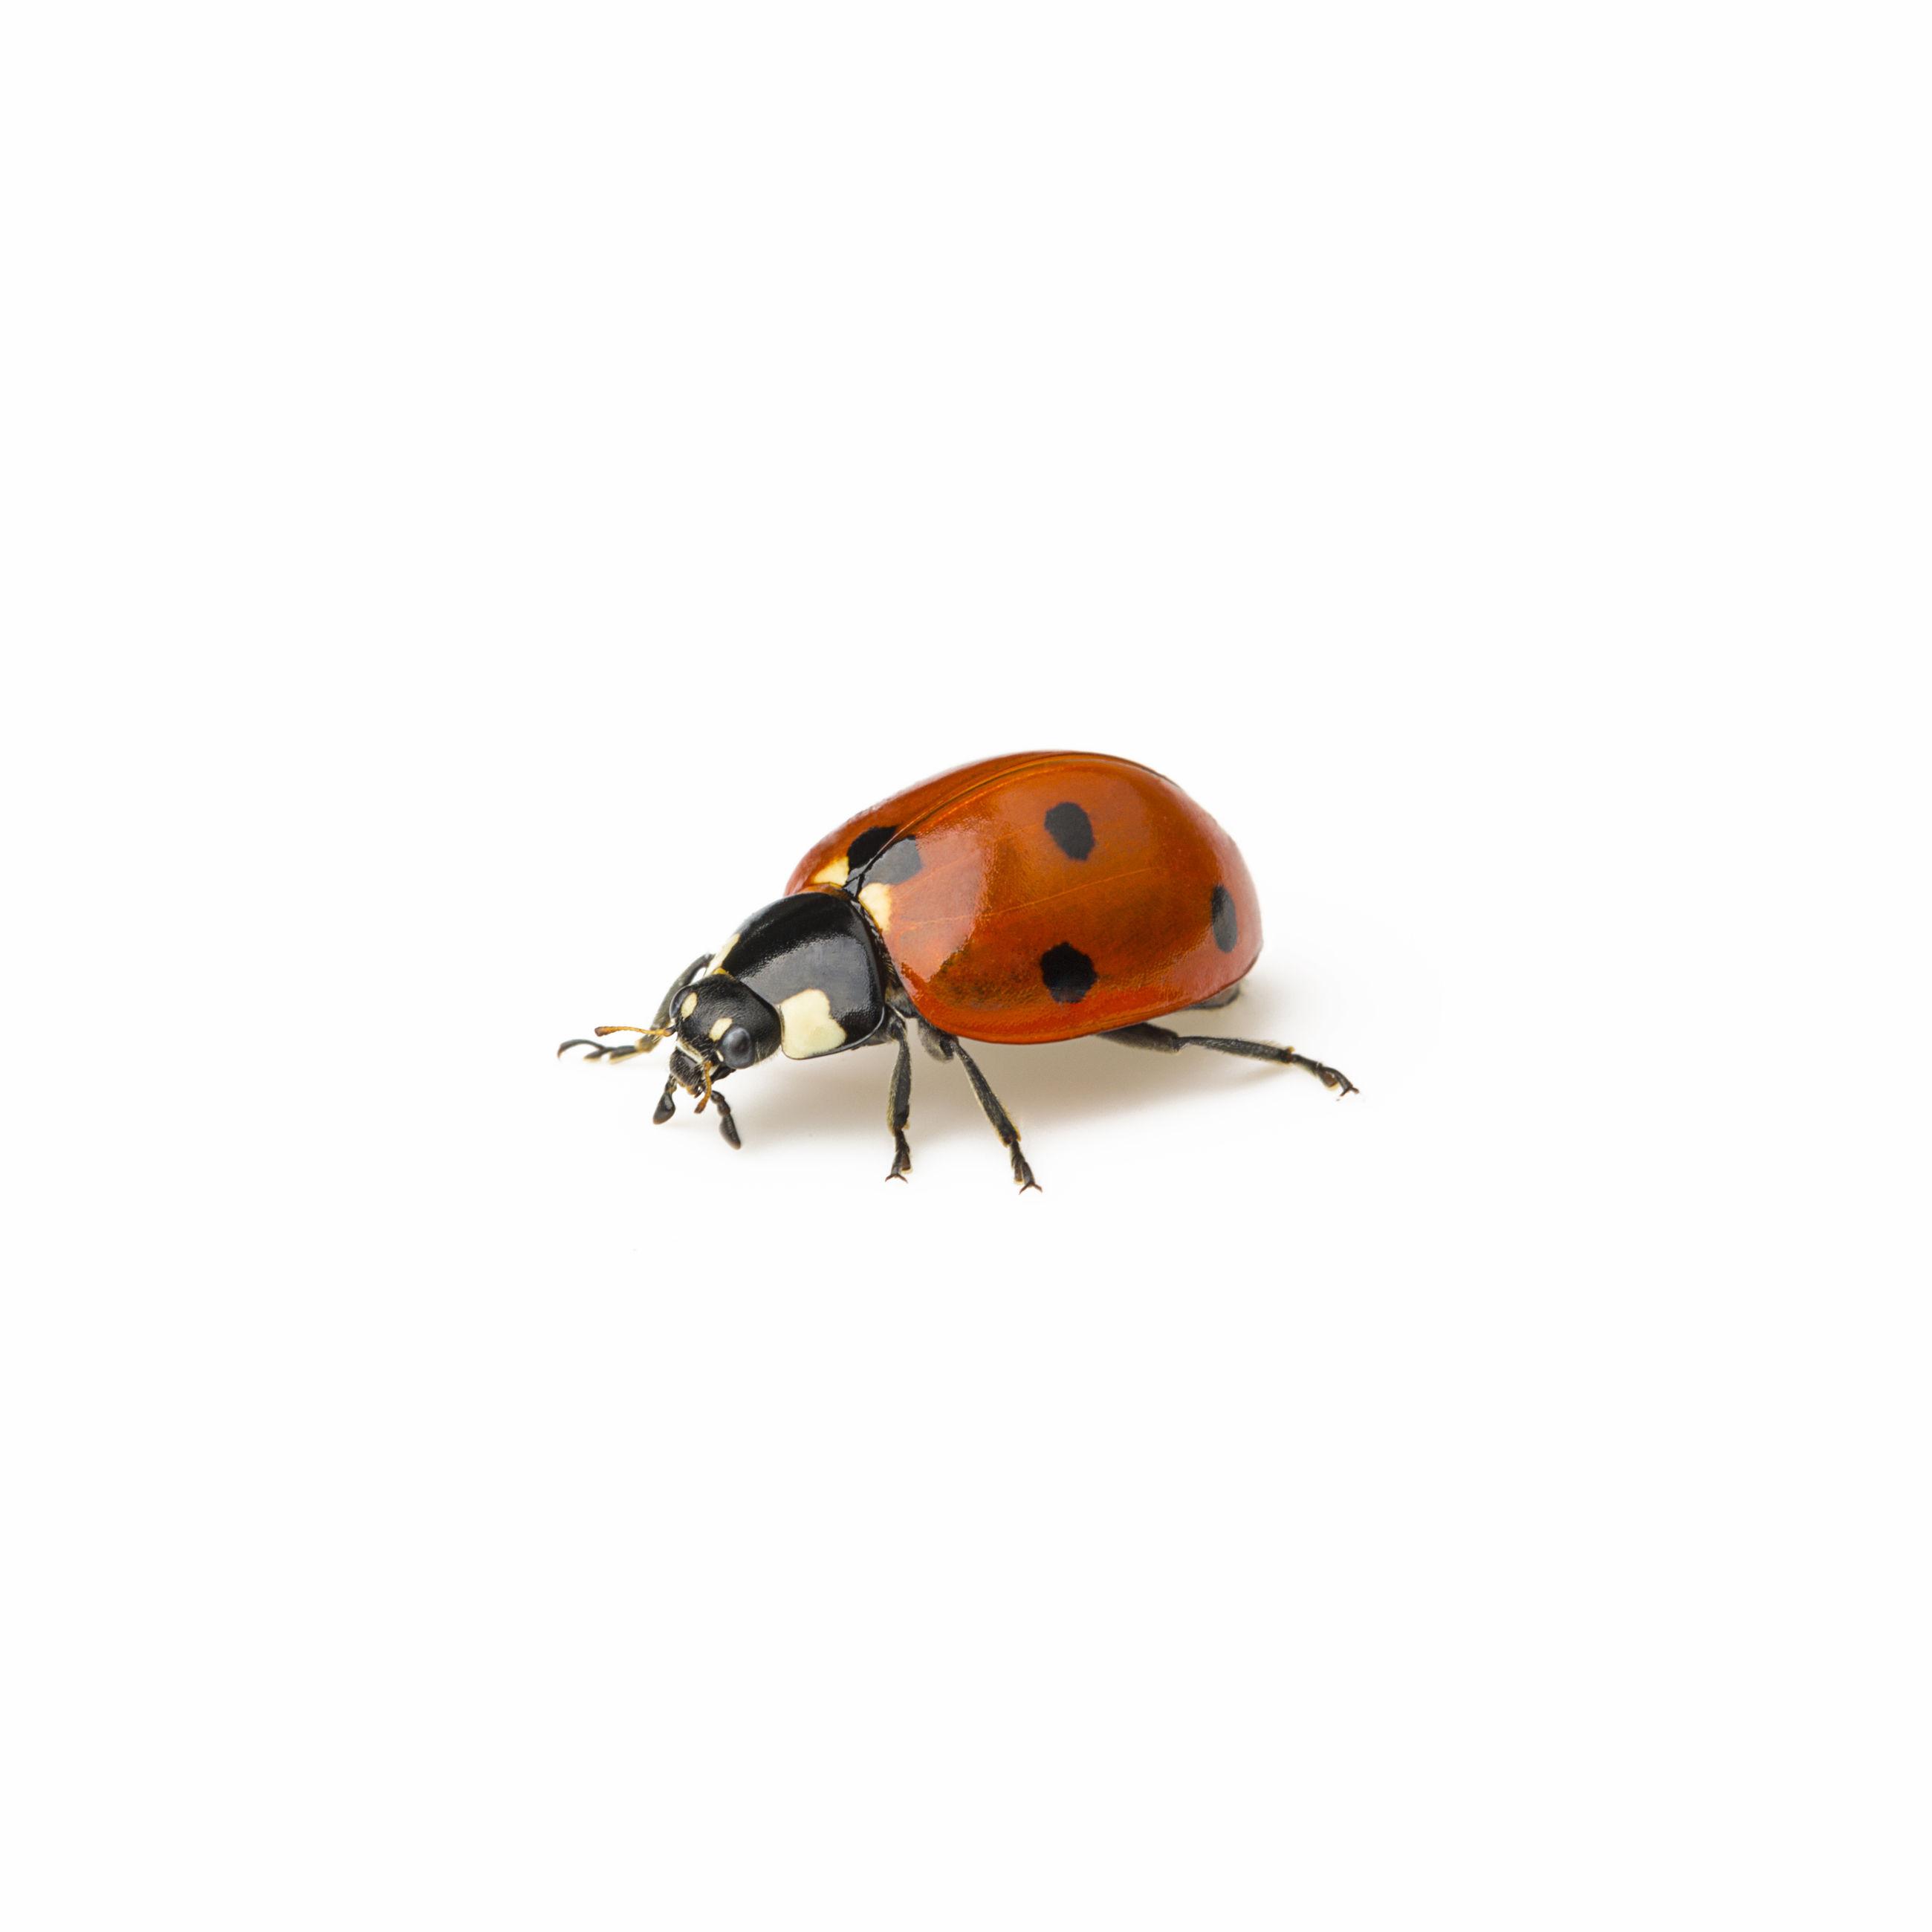 Close-up of ladybug over white background